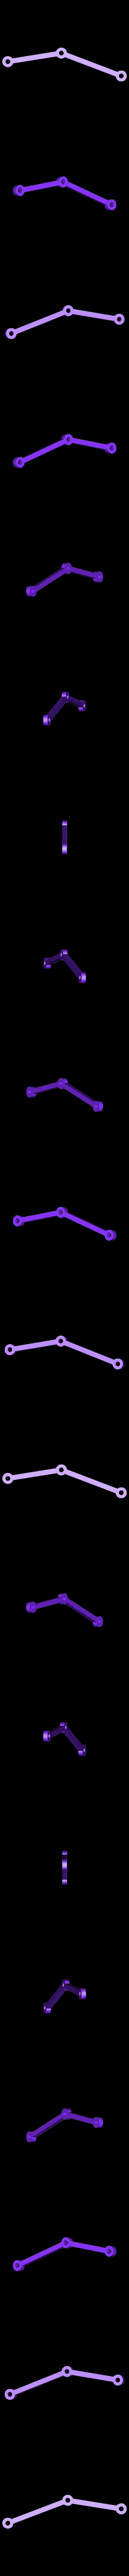 Segment_H.stl Télécharger fichier STL gratuit Sphère hobermanique ( Cuboctaèdre ) • Design pour imprimante 3D, SiberK